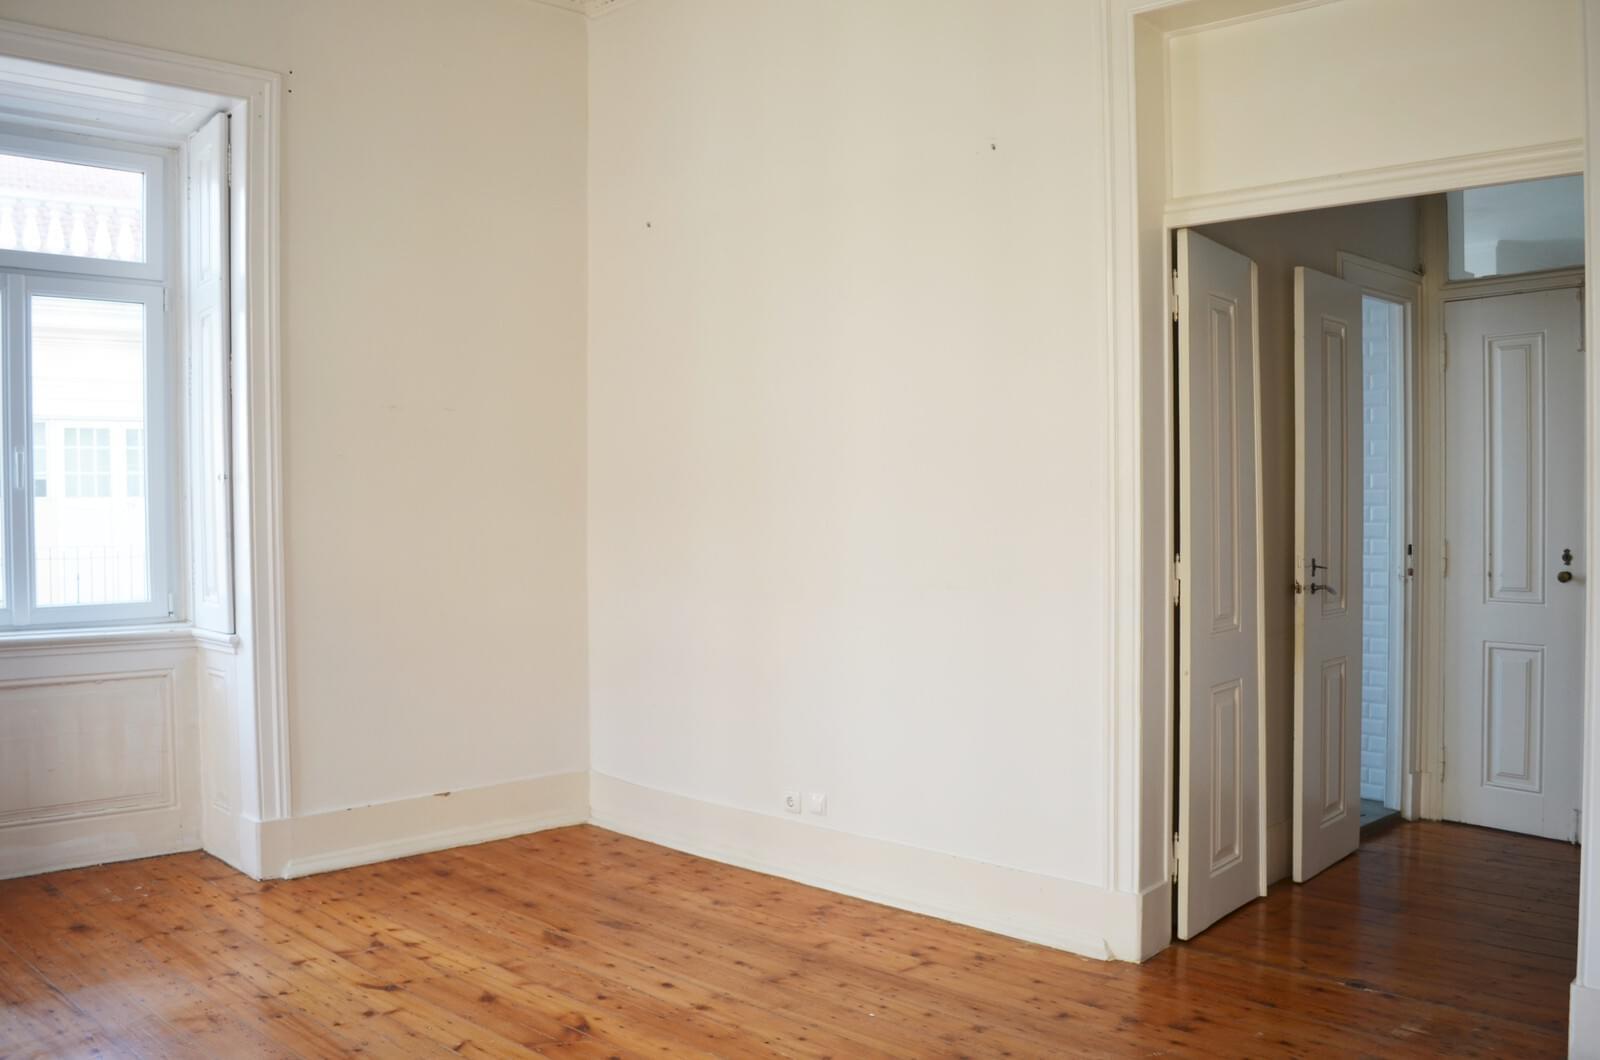 pf18621-apartamento-t4-lisboa-080c7bdc-7dae-4ea1-be4e-17cc89db7bf3